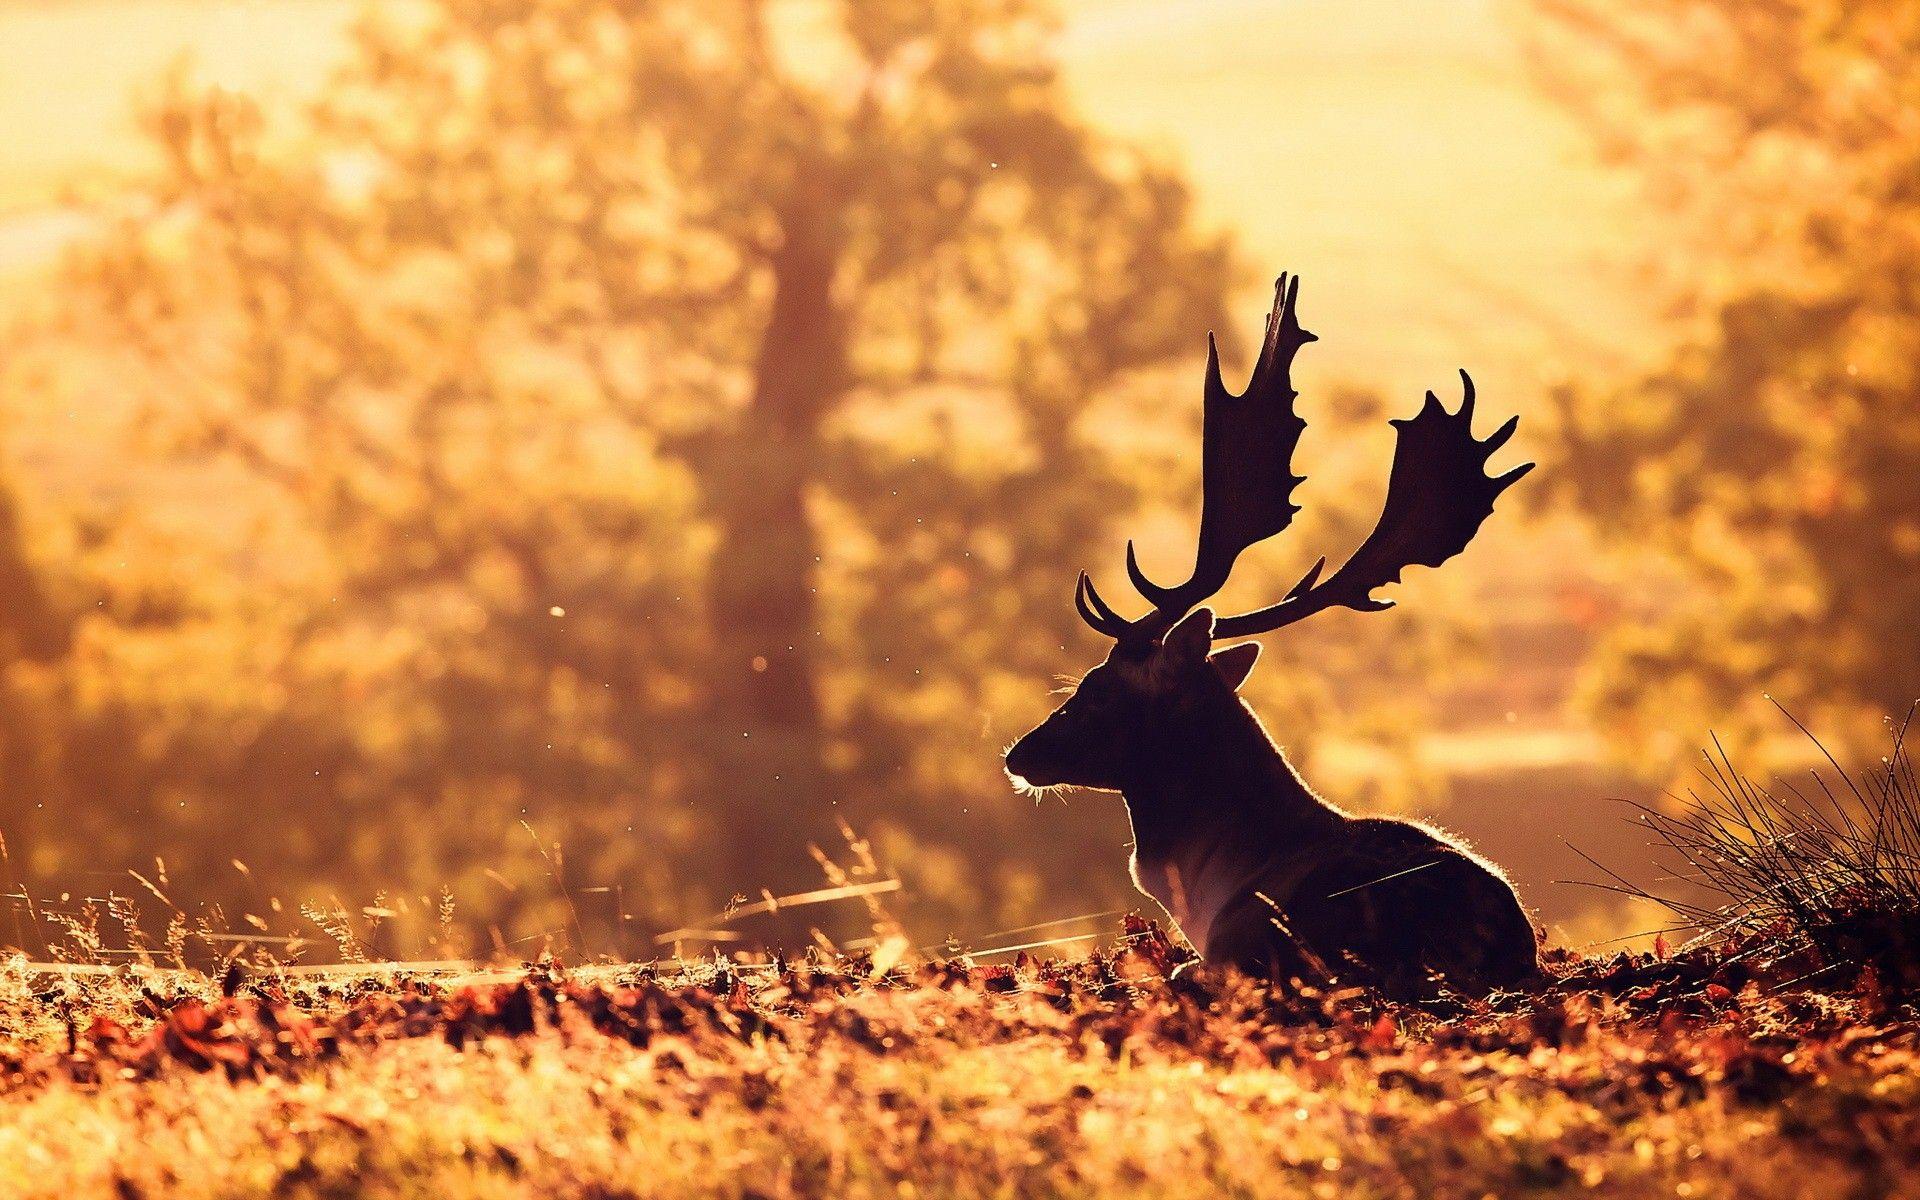 deer wallpapers free